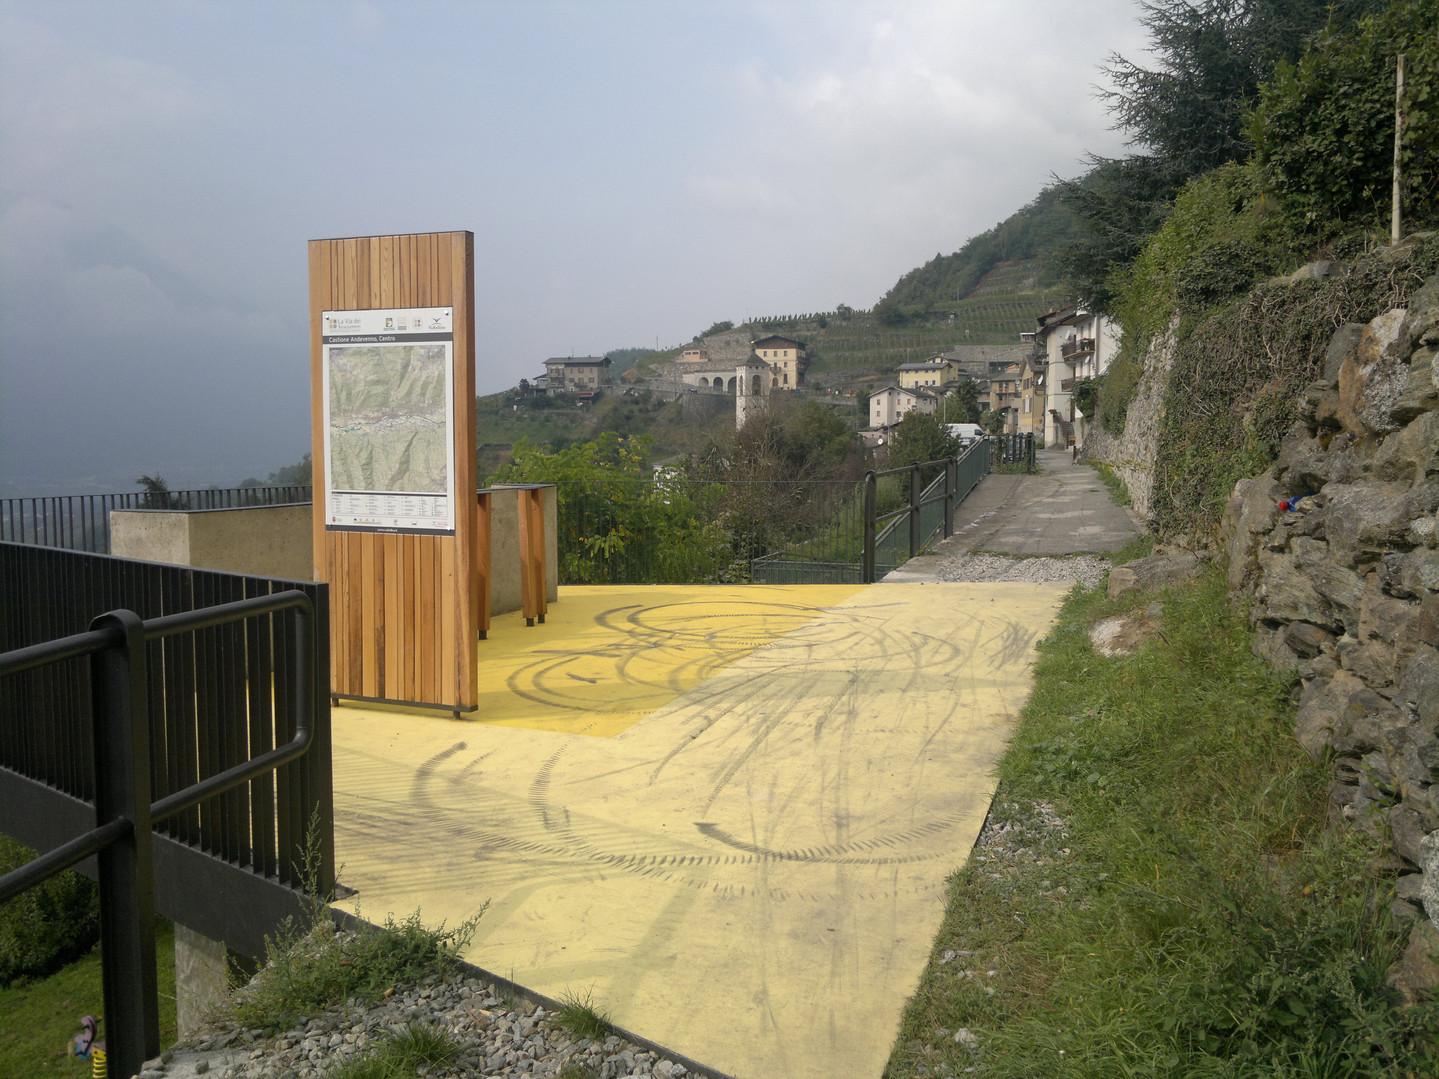 Area di sosta - Castione Andevenno